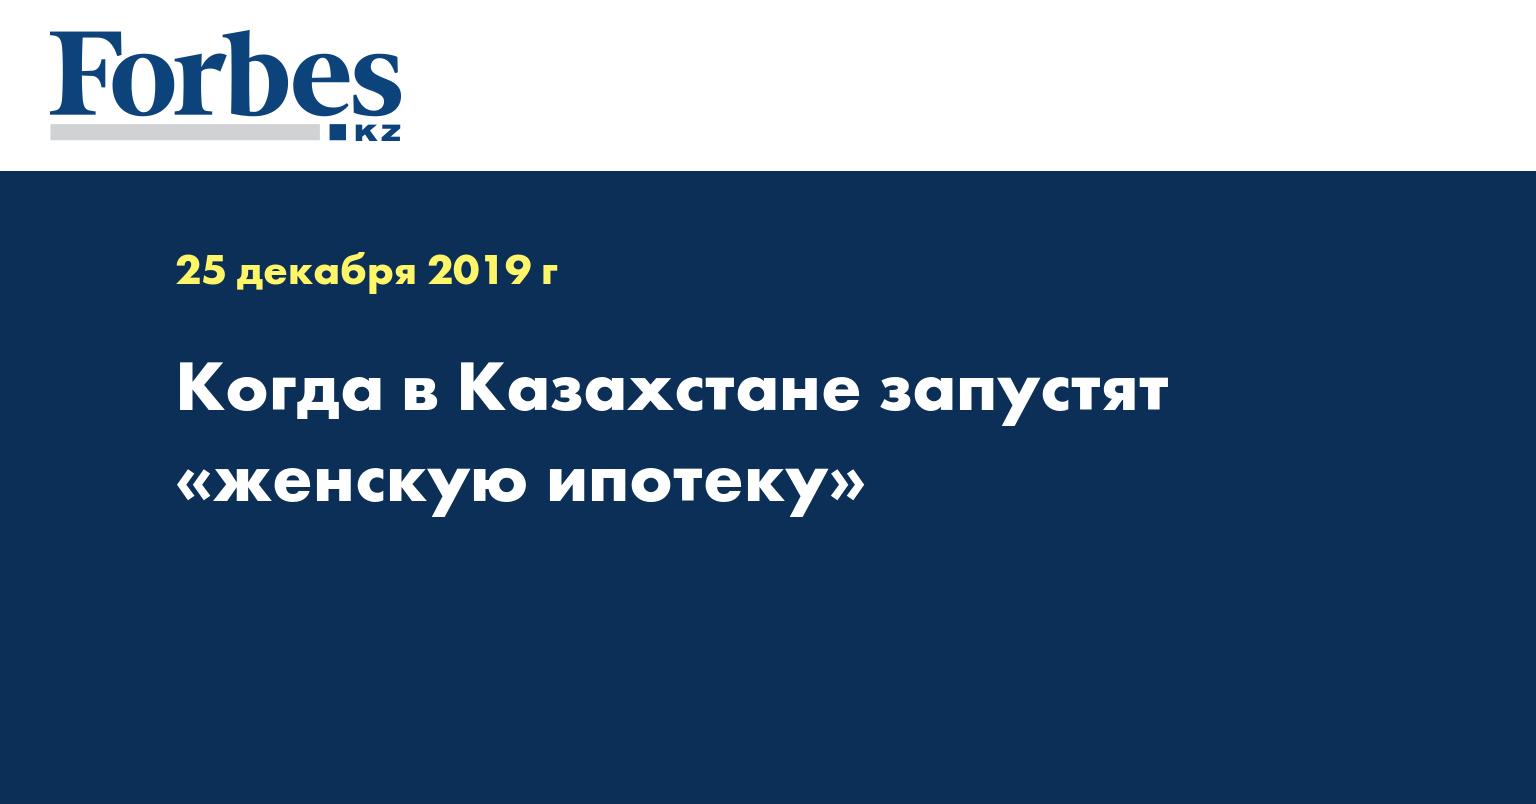 Когда в Казахстане запустят «женскую ипотеку»